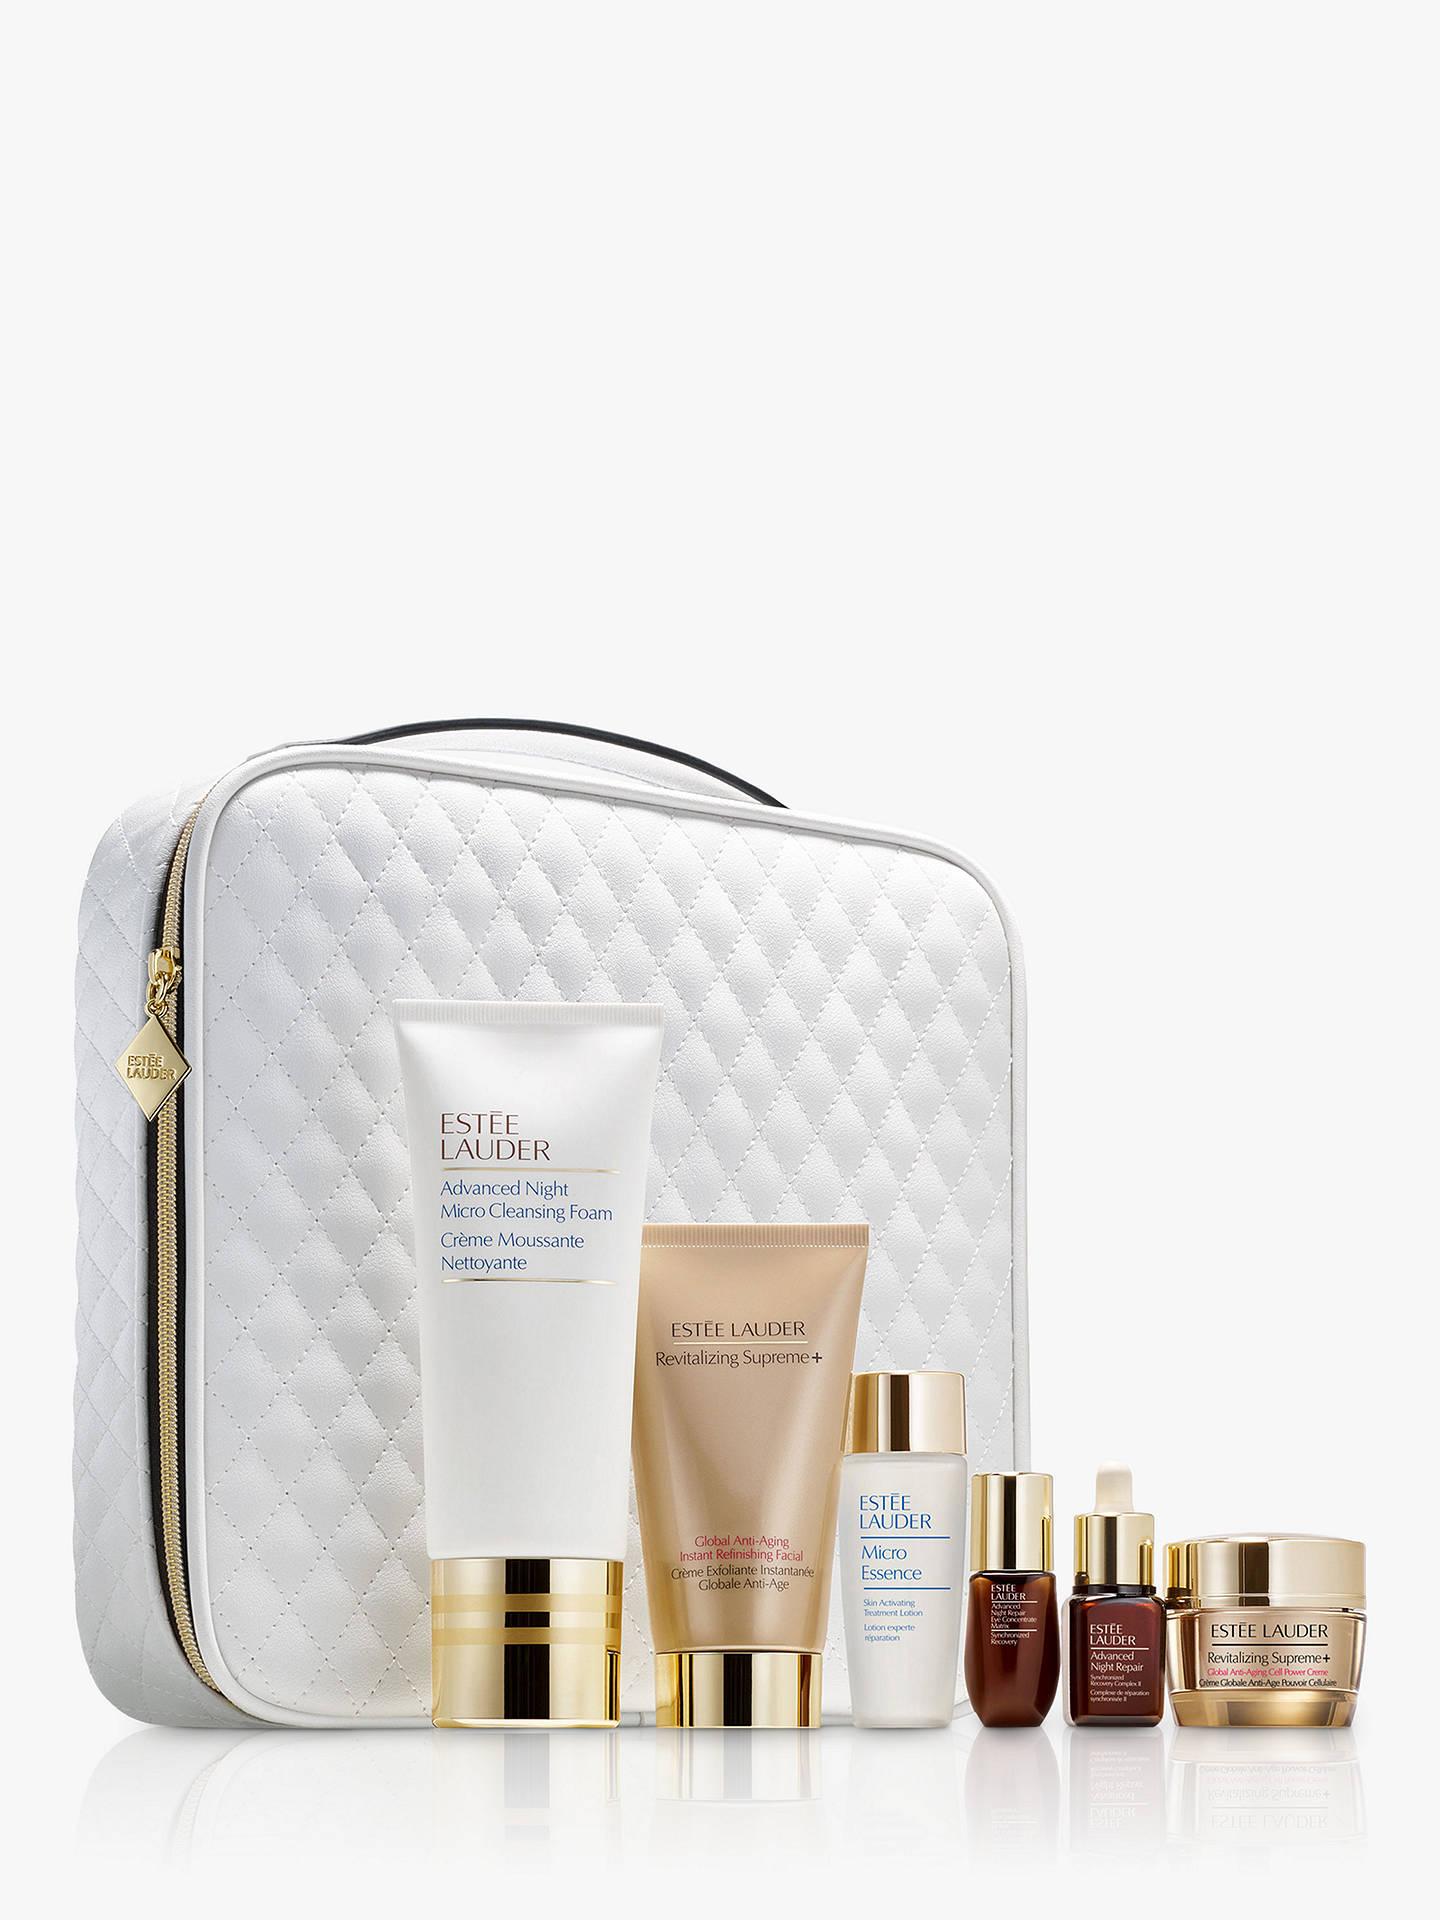 Estée Lauder Beauty Of The Night Skincare Gift Set by EstÉe Lauder